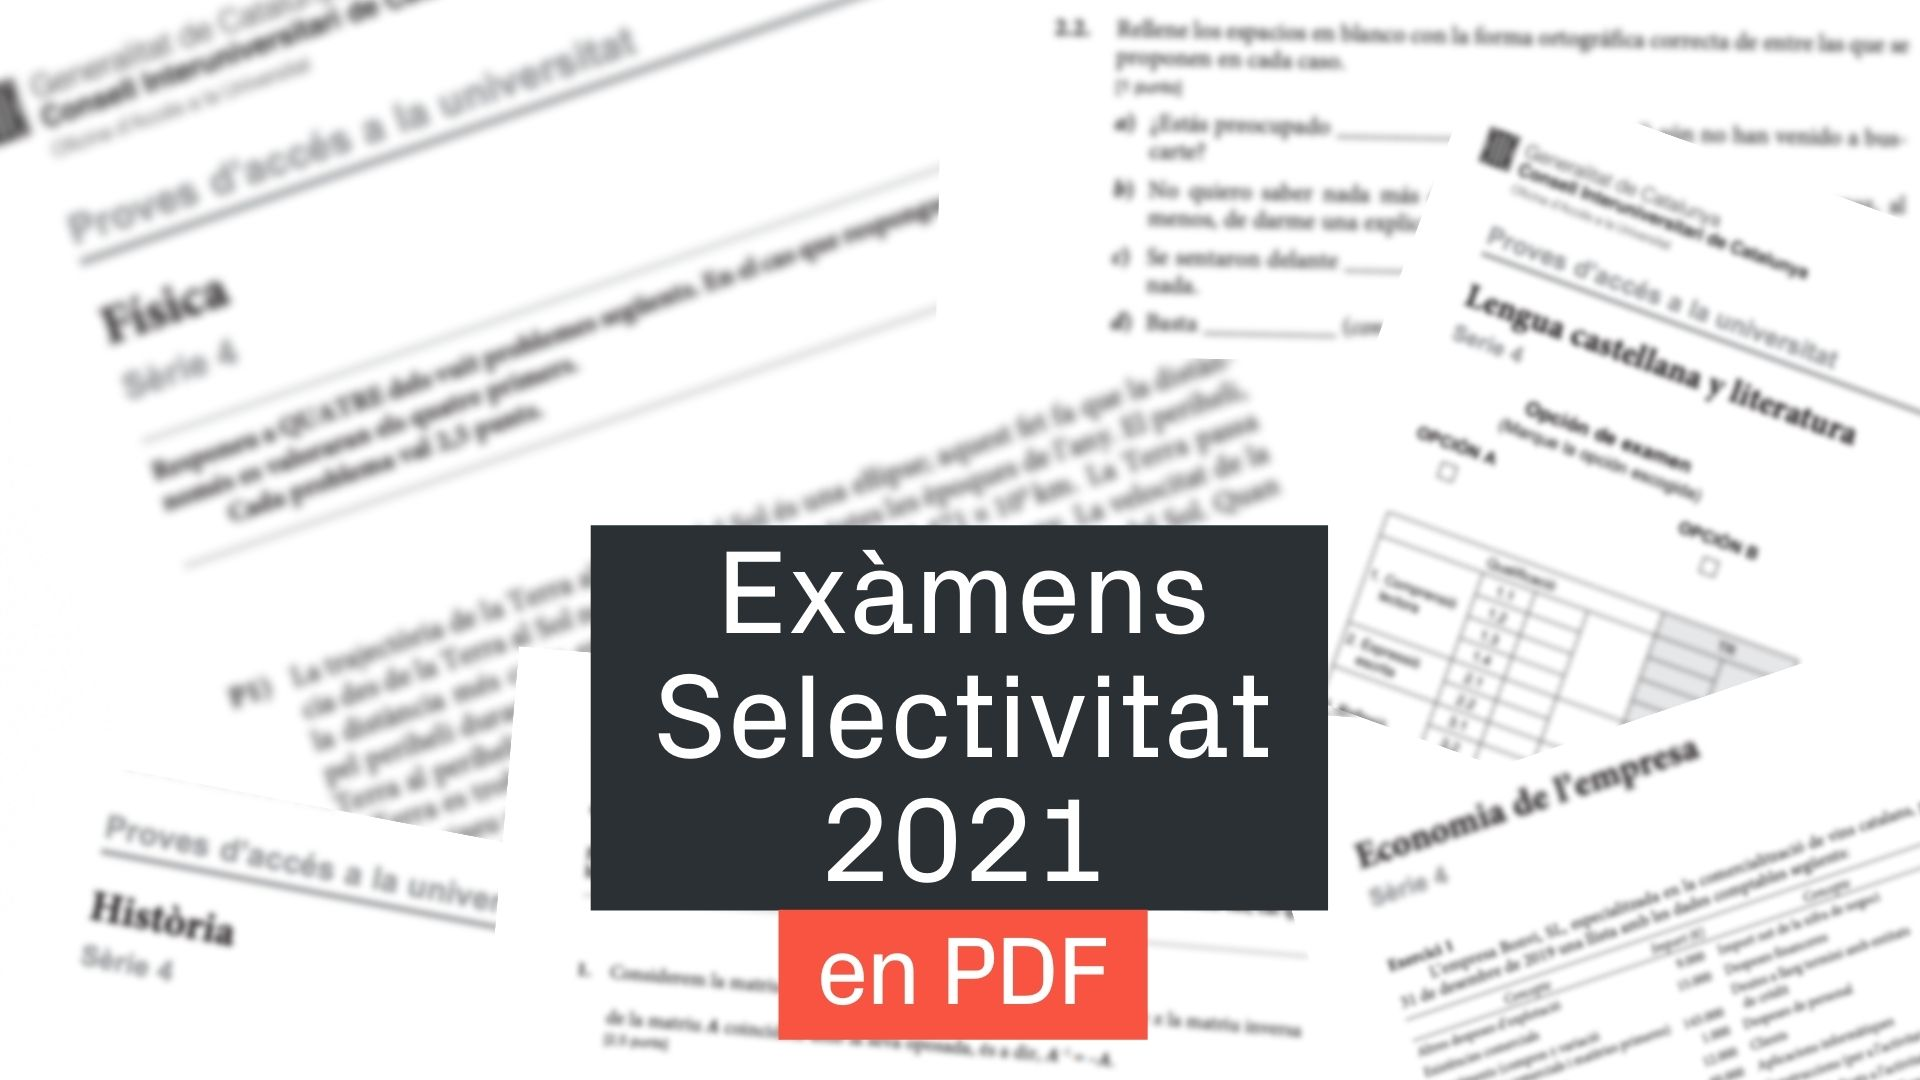 exàmens selectivitat 2021